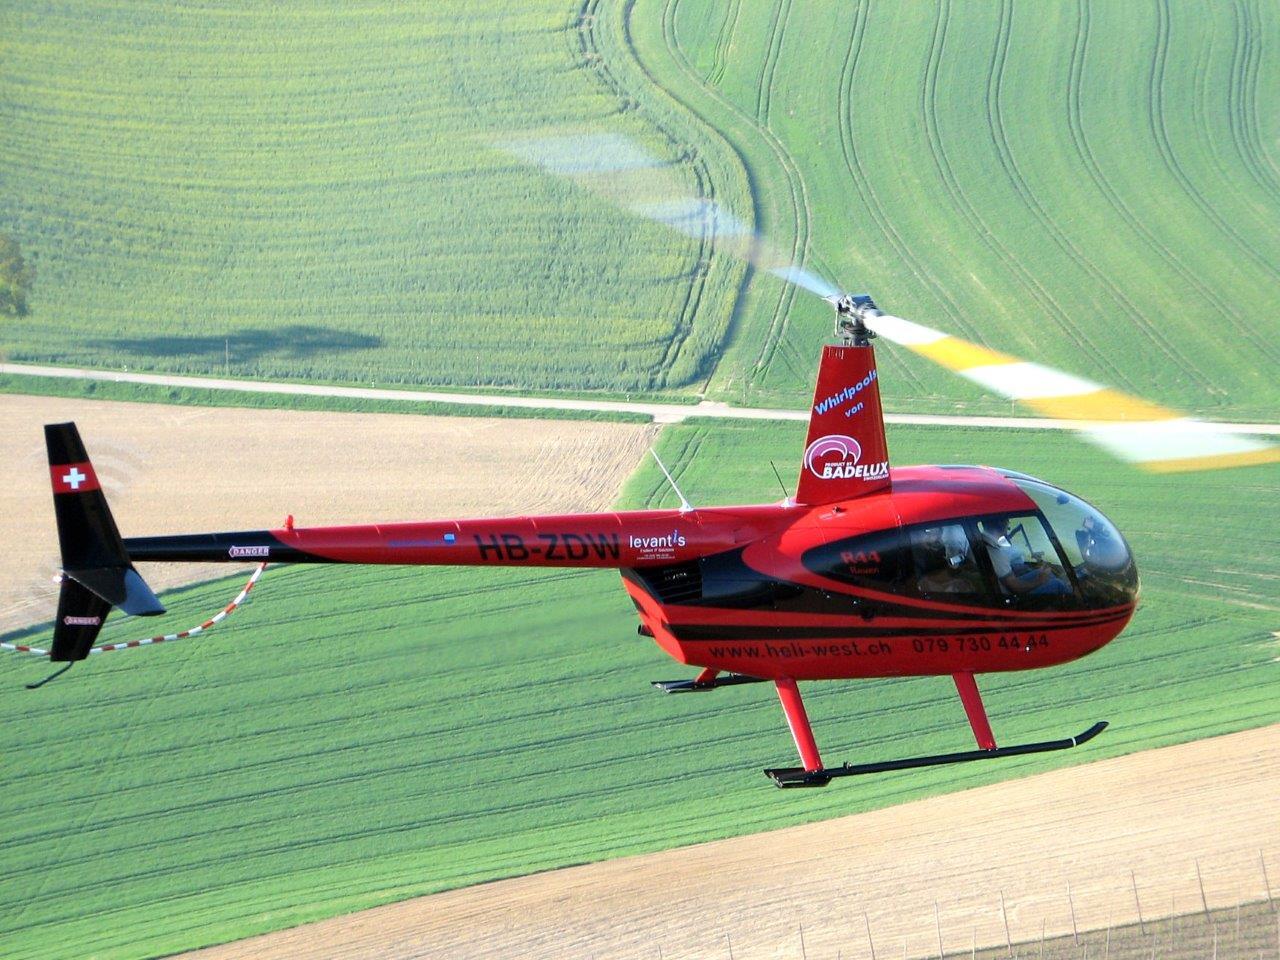 R44 im Flug